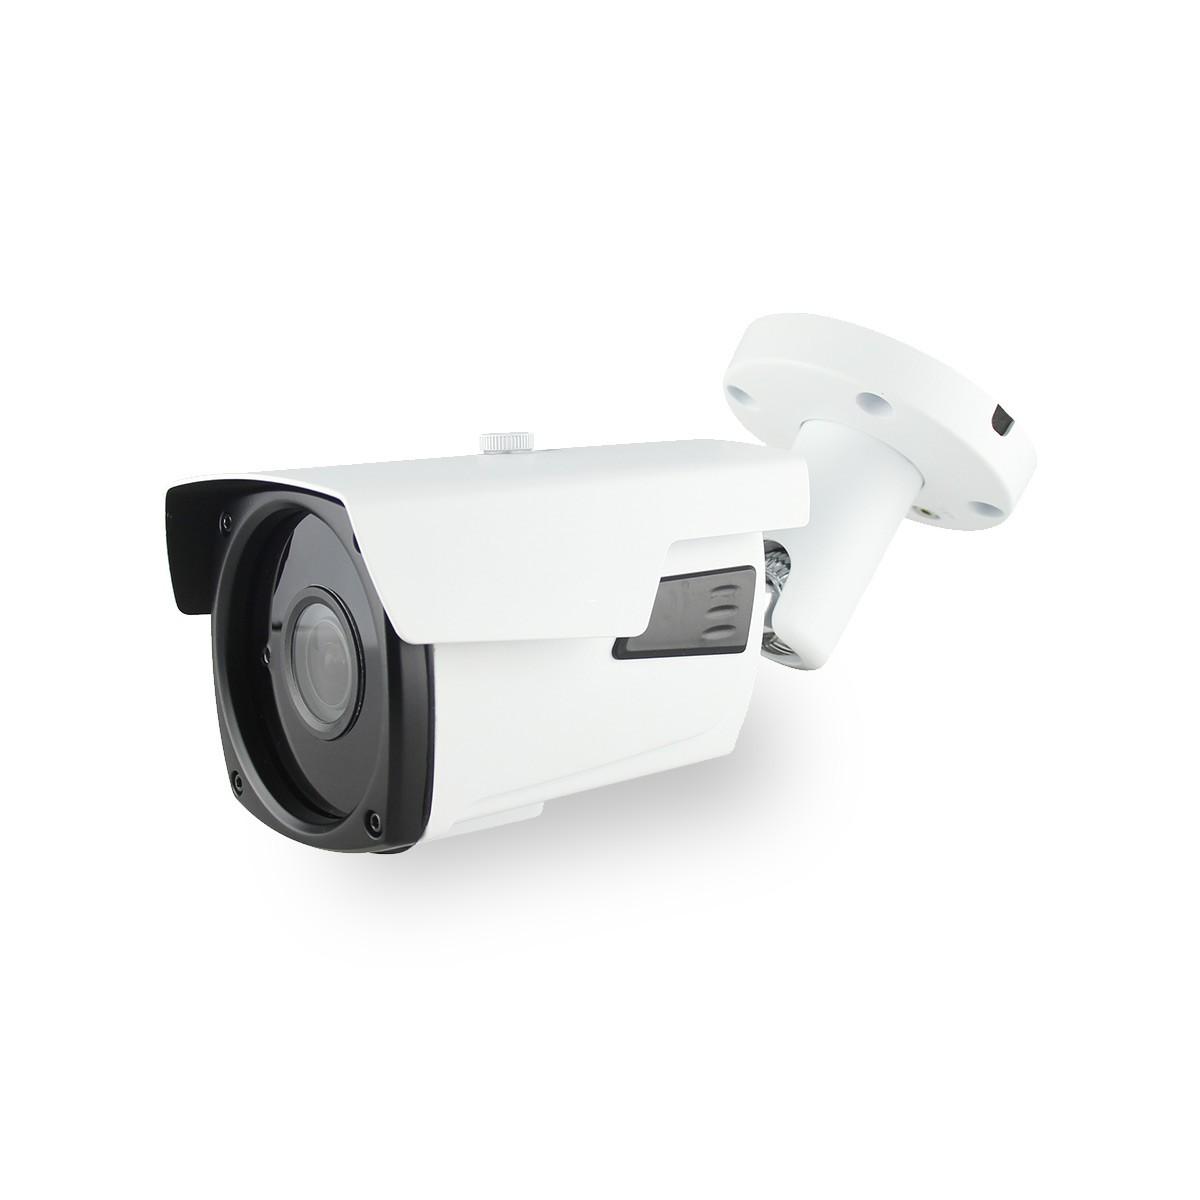 Caméra IP POE capteur 5 Mégapixels objectif varifocal 2.8-12 mm Infrarouge 60 mètres extérieur intérieure